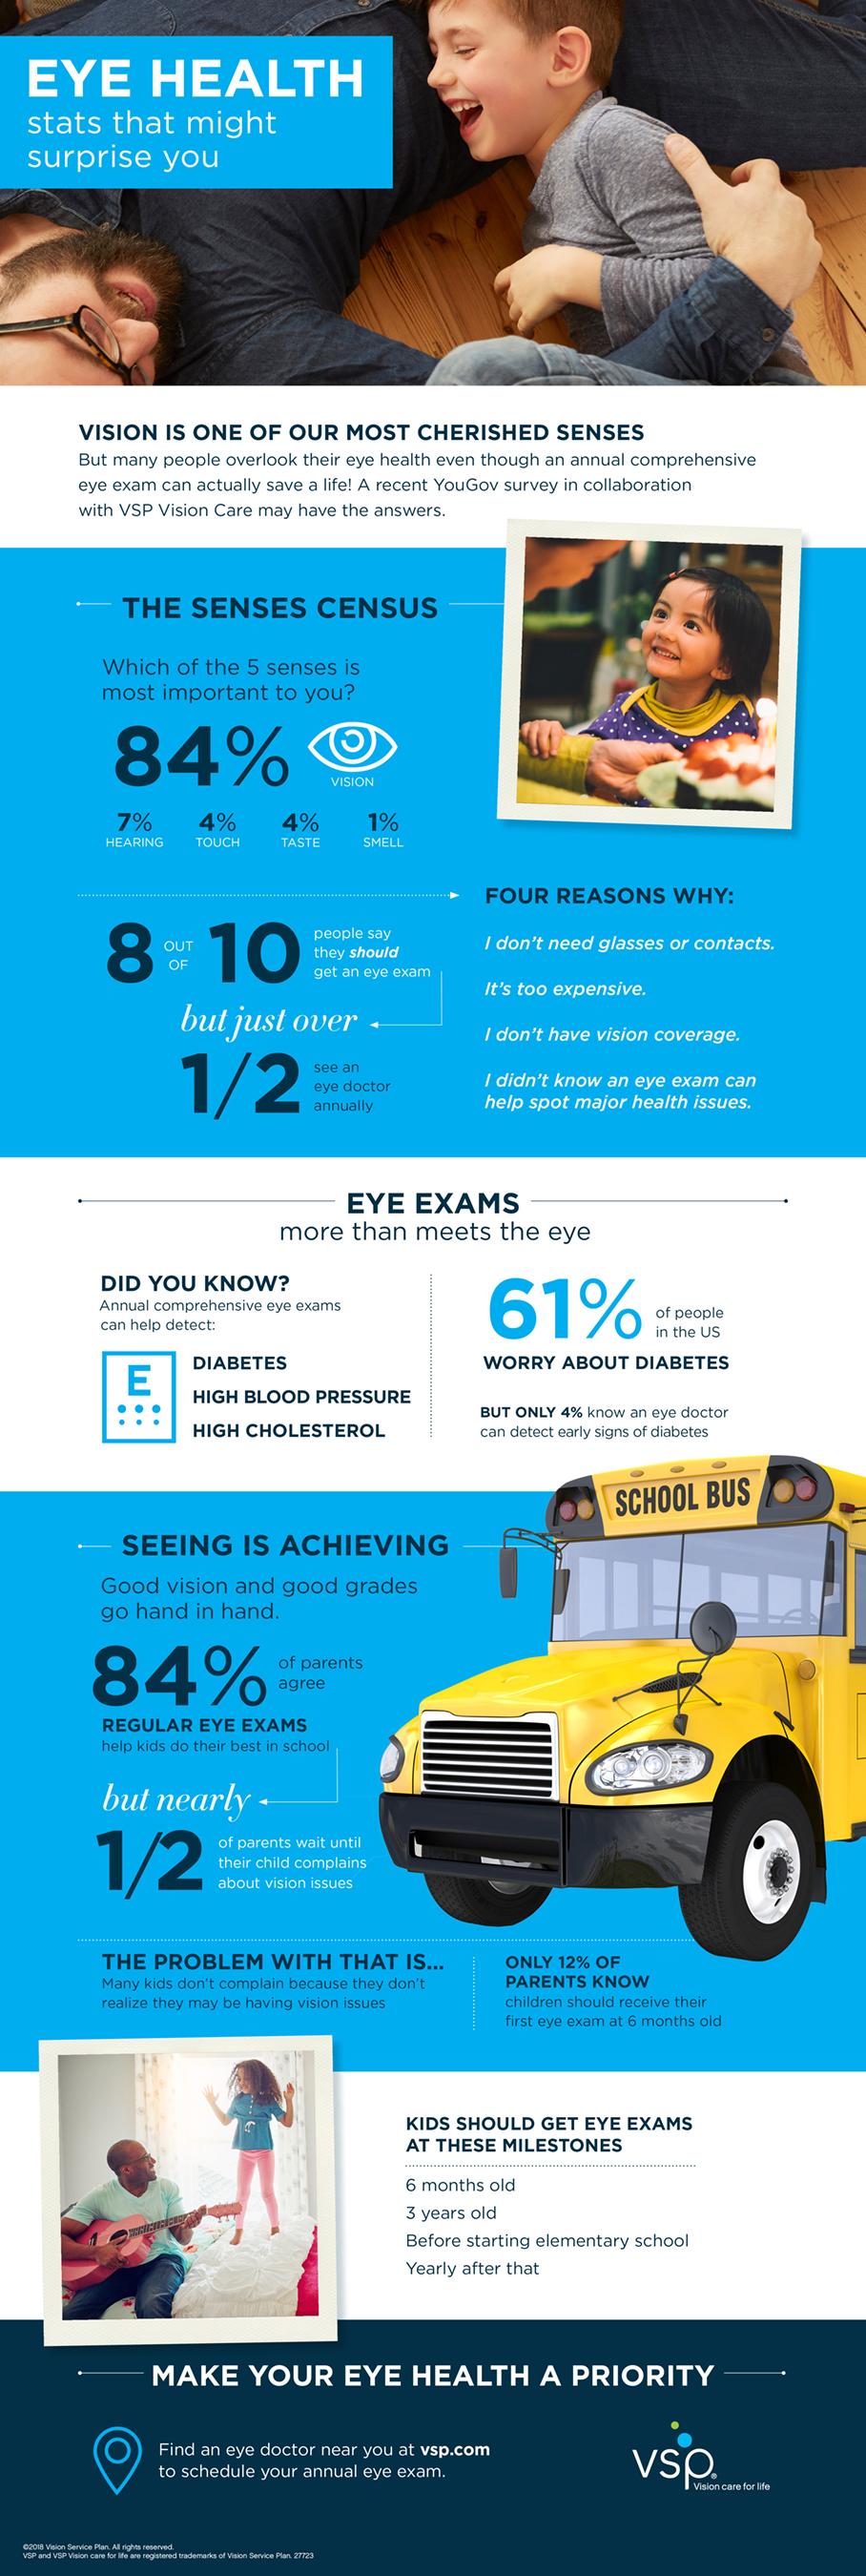 Key Survey Findings